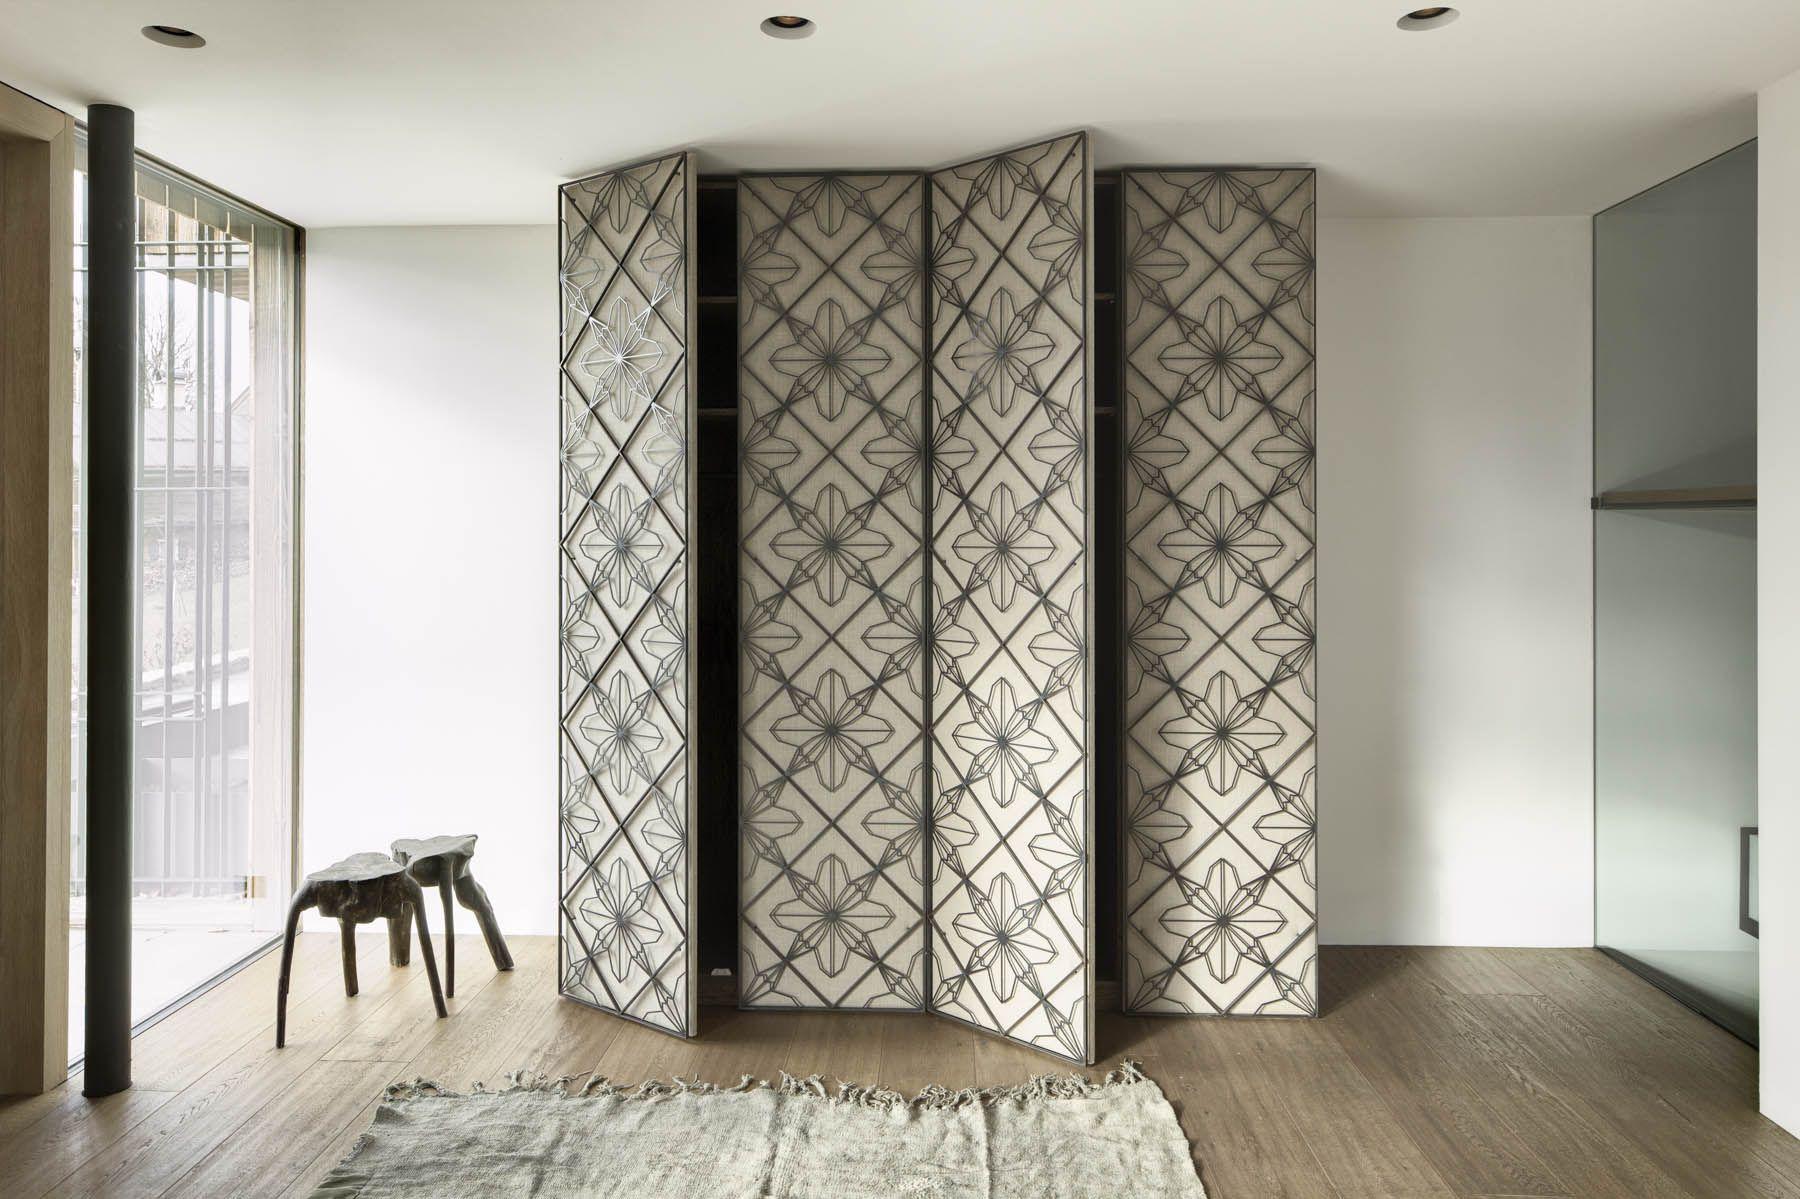 armoire with metal screen door